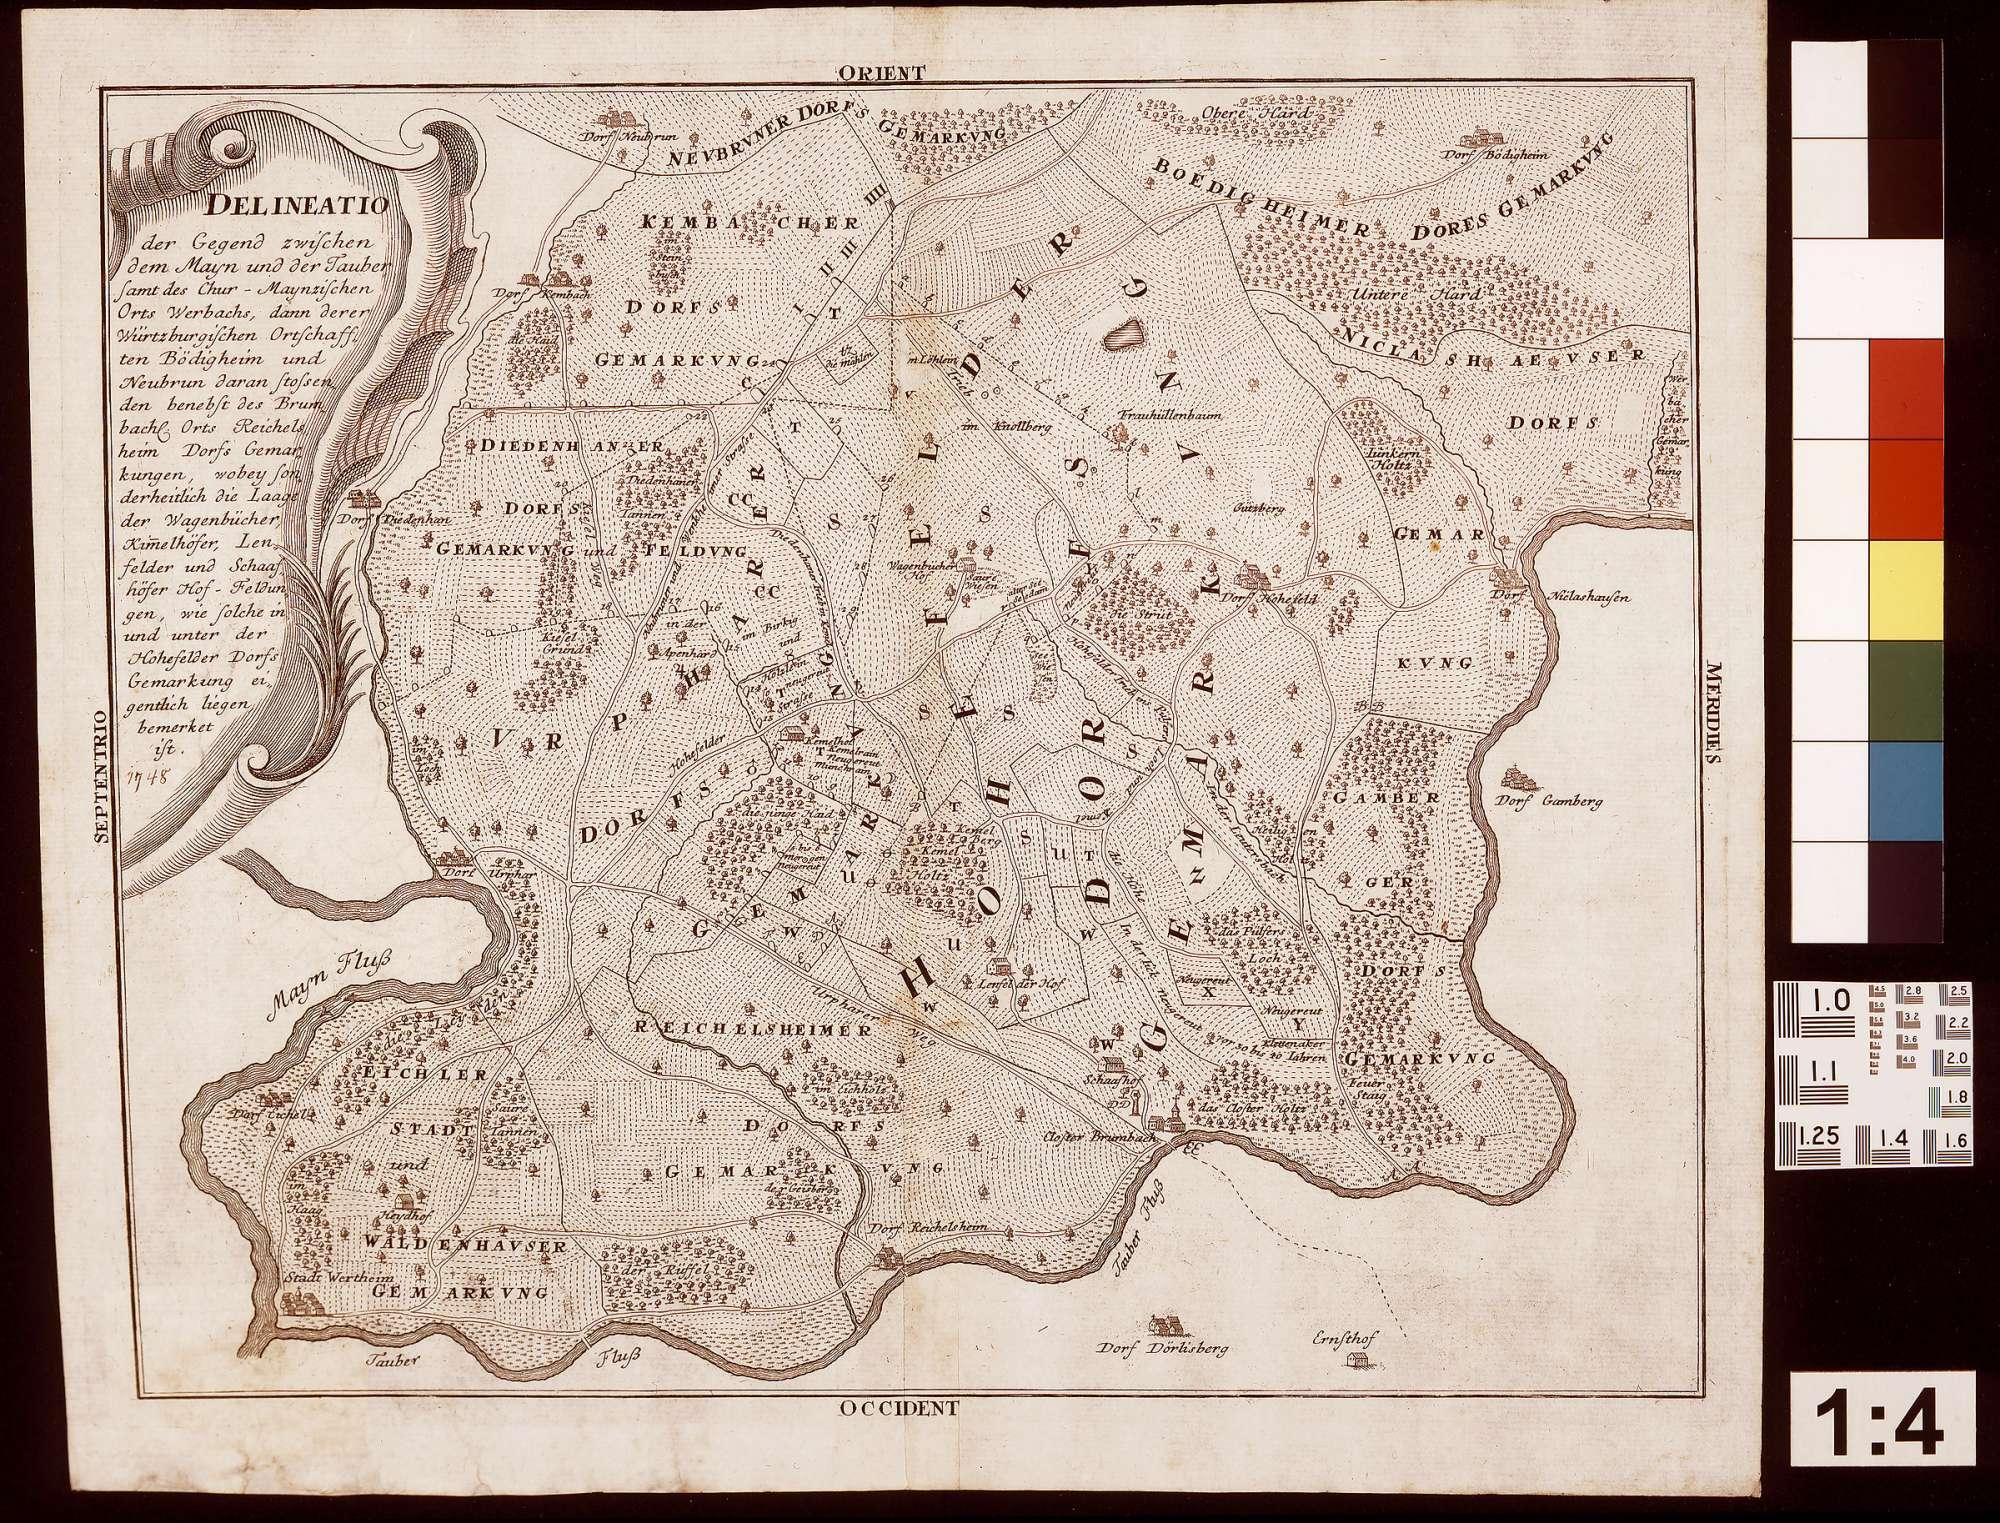 Delineato der Gegend zwischen dem Main und der Tauber mit den Gemarkungen Werbach, Böttigheim und Neubrunn, Bild 1